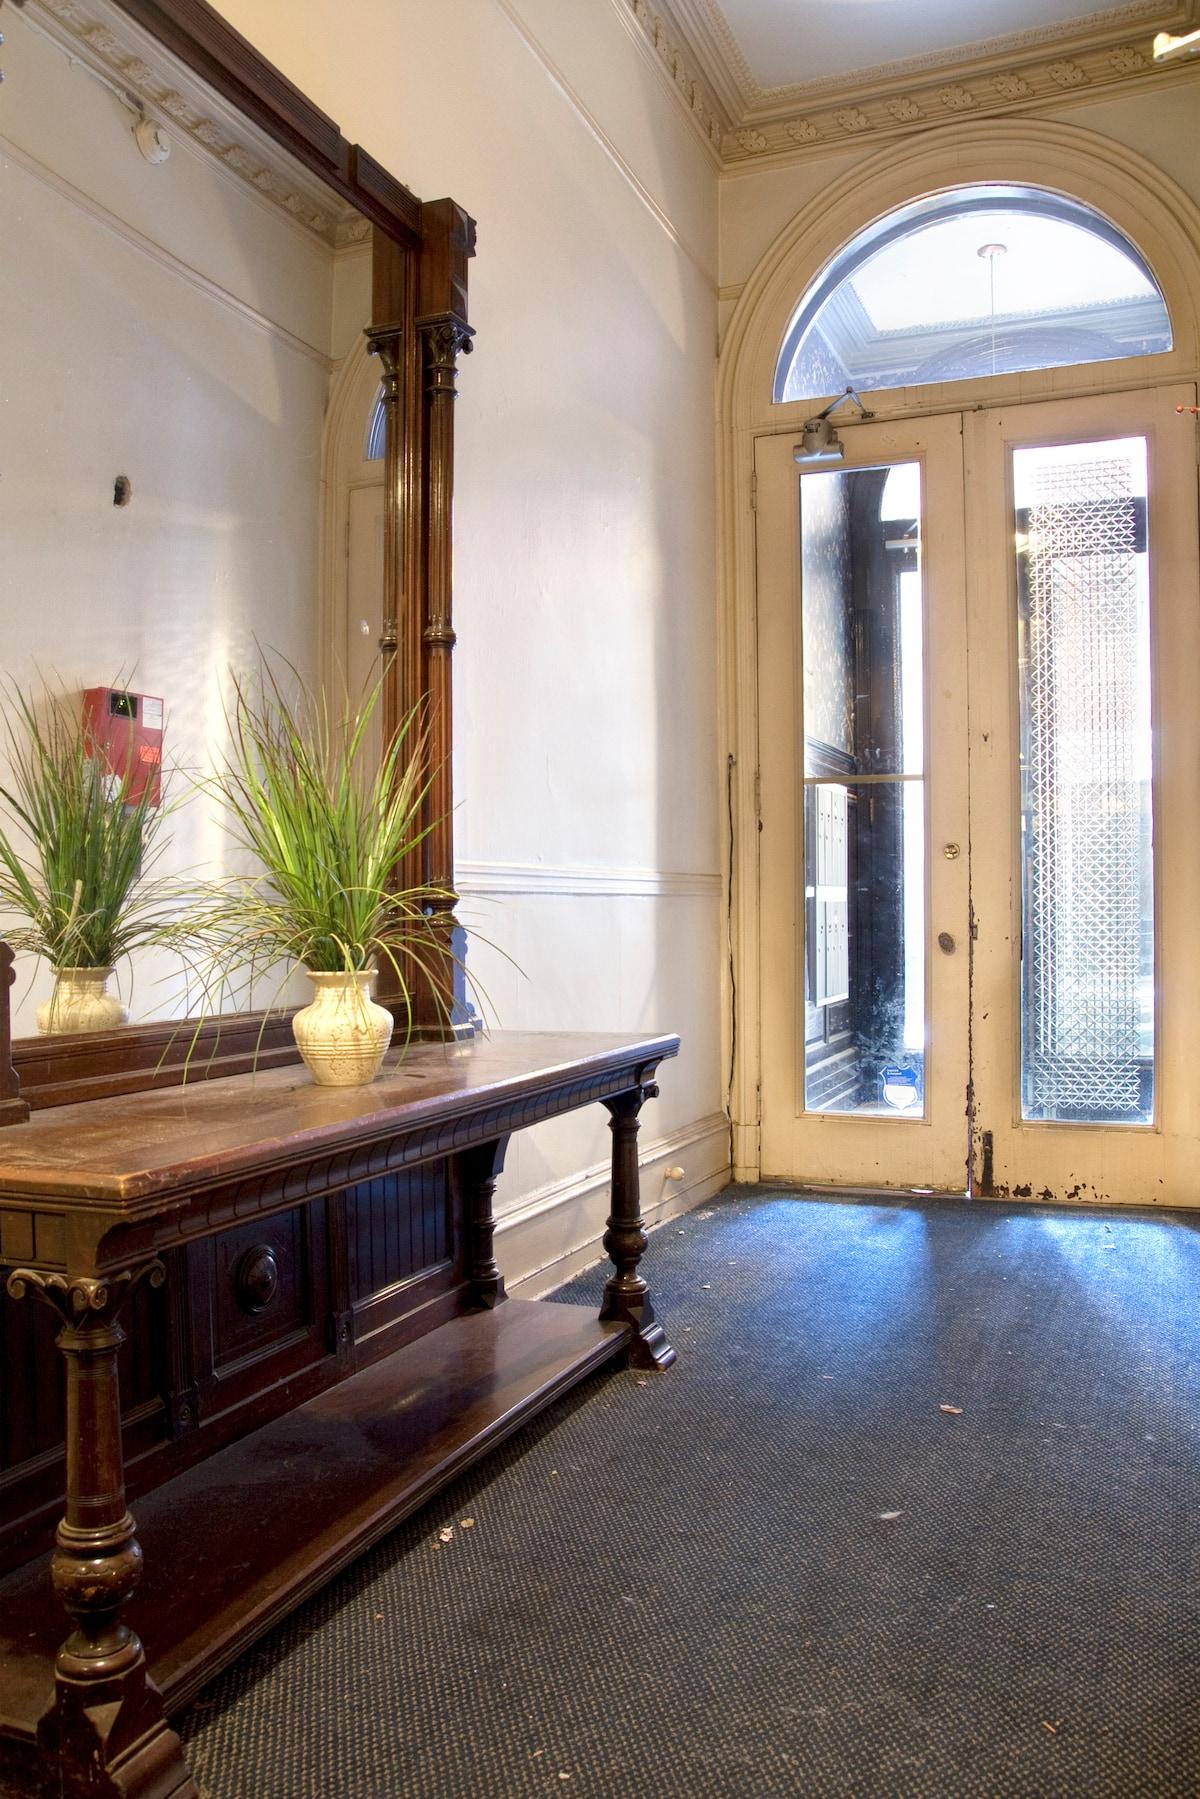 Entrance to the apartment, gorgeous original mirror